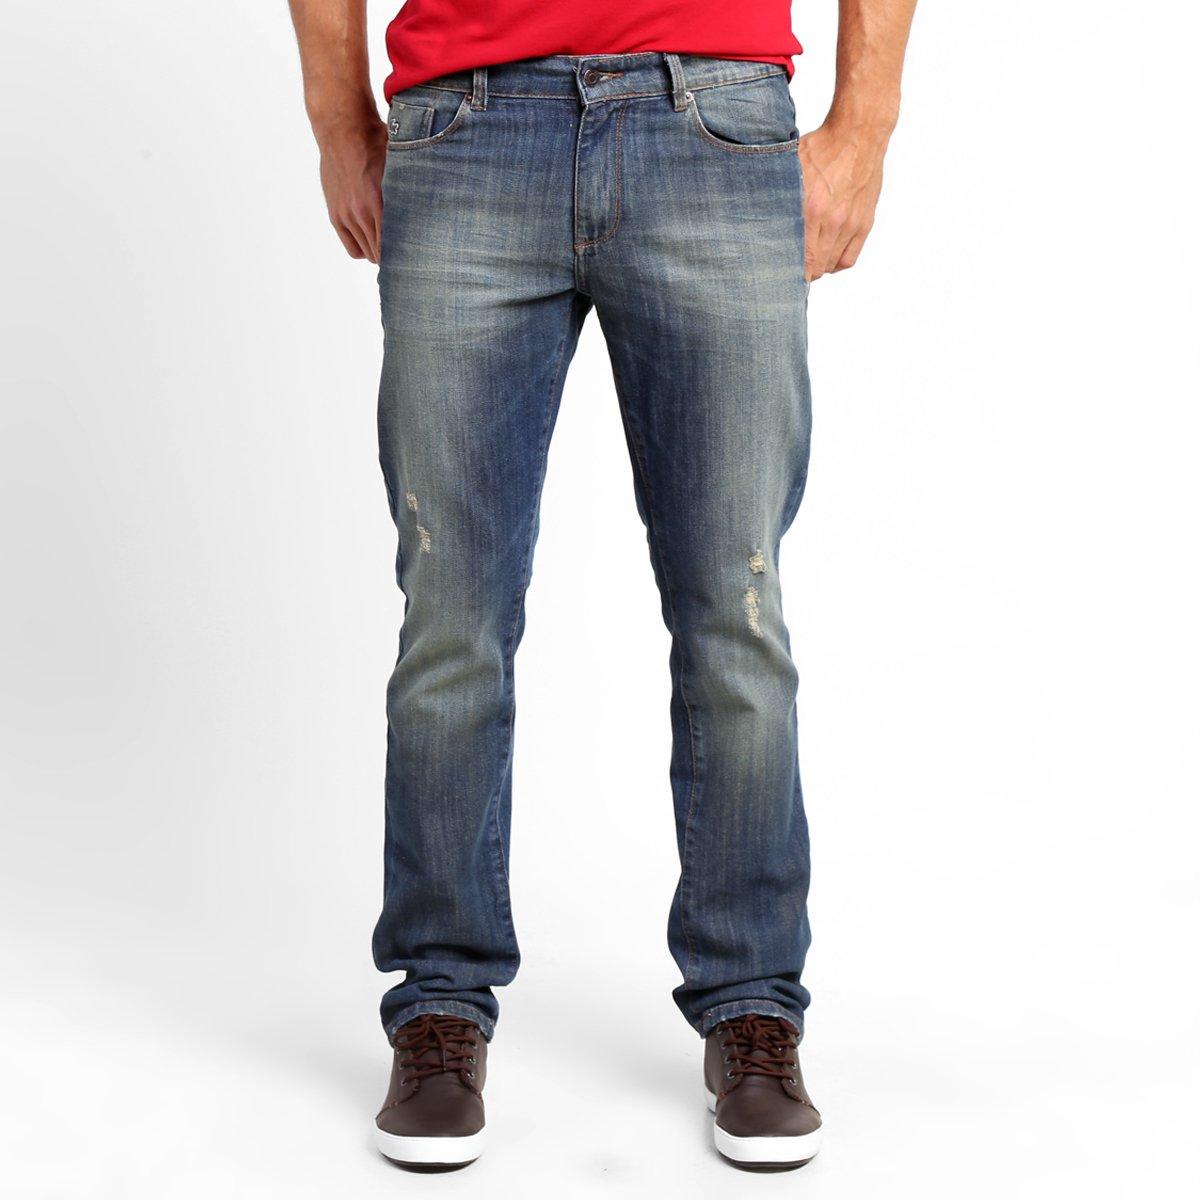 9c8cdde5b21d4 Calça Jeans Lacoste Reta - Compre Agora